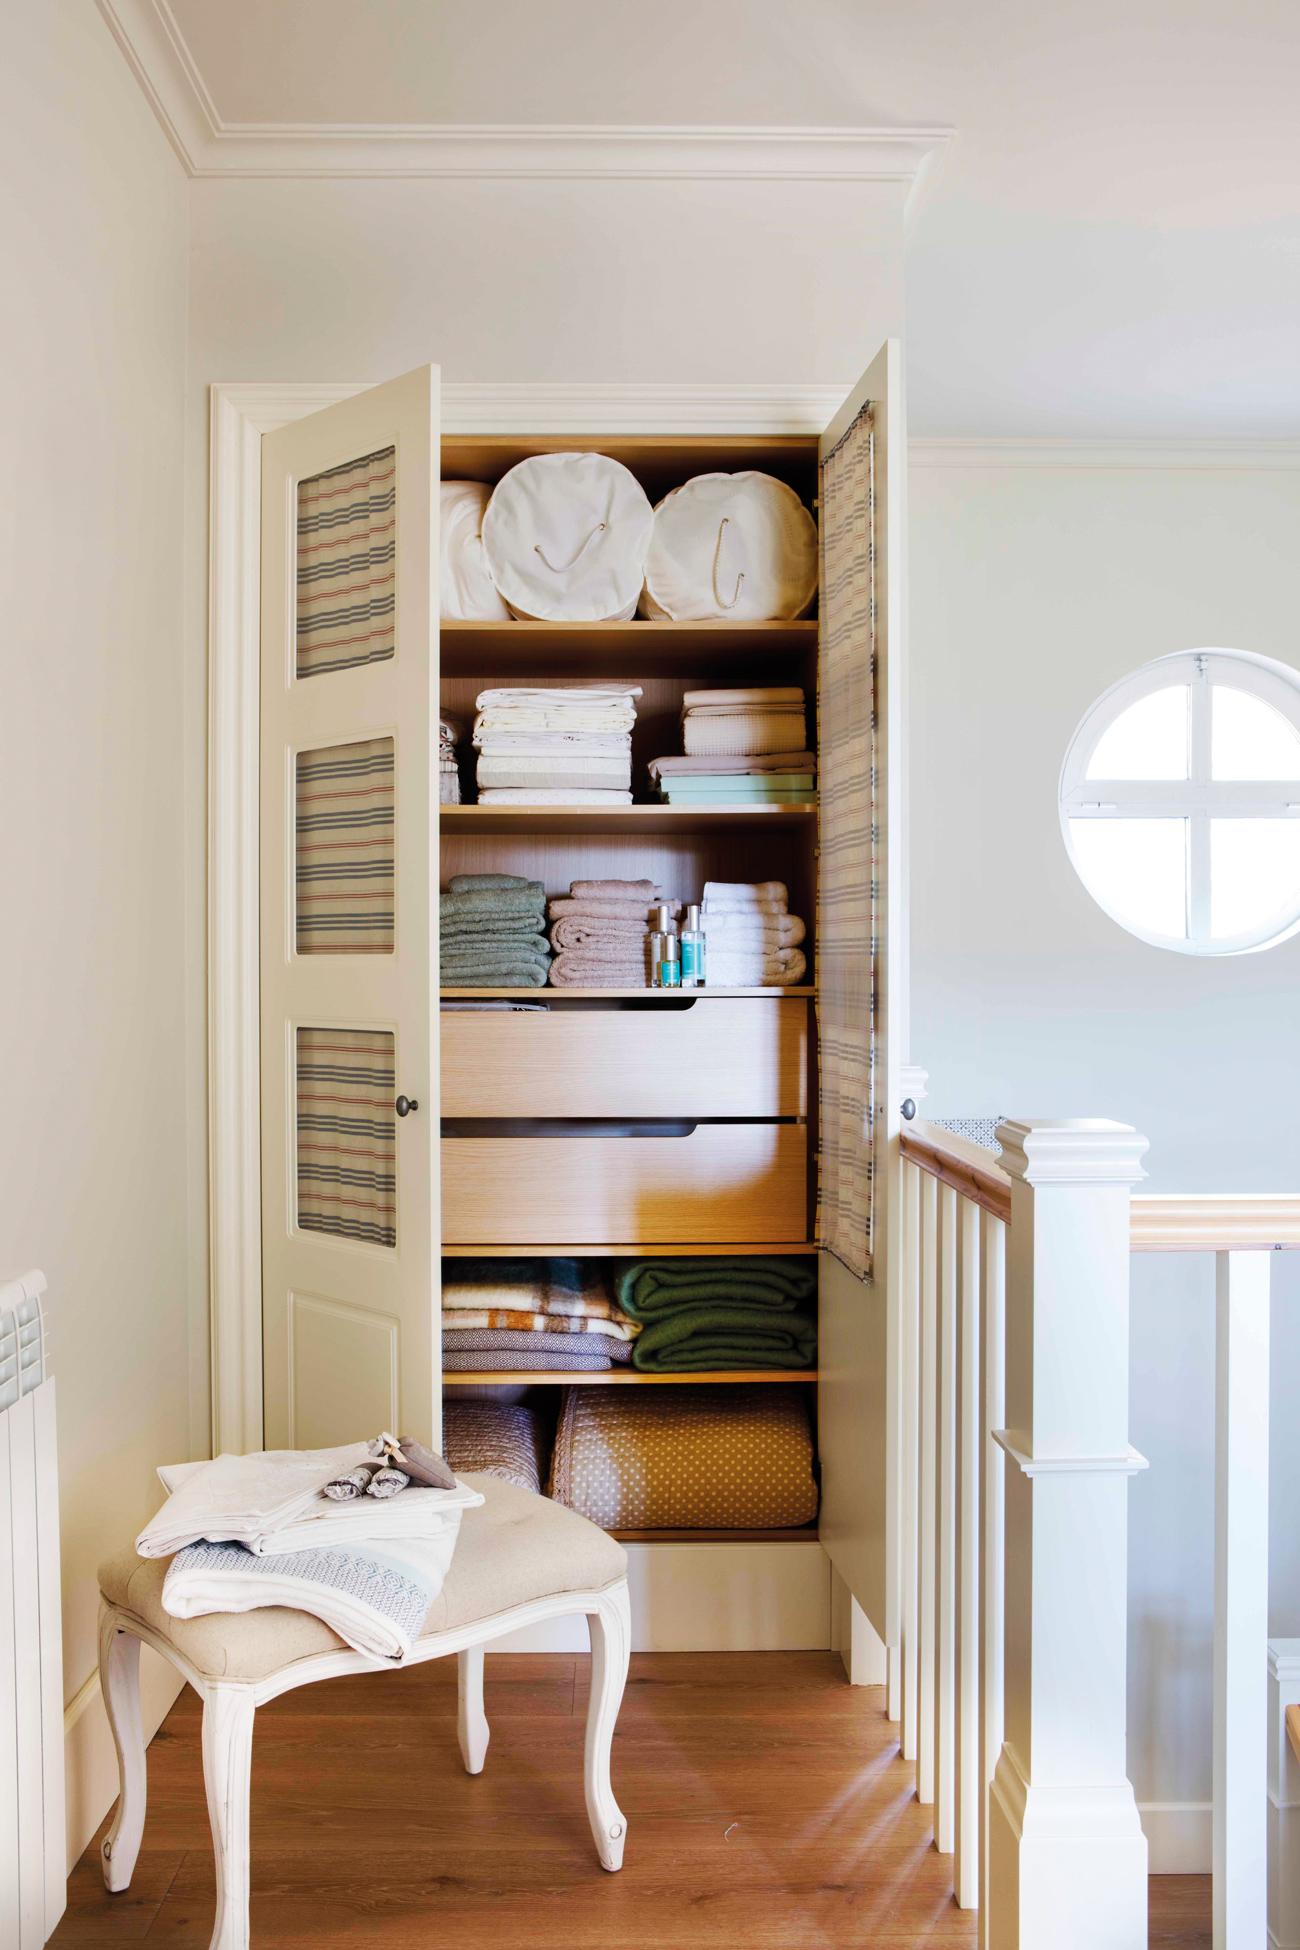 Cambio de armario c mo guardar la ropa de invierno - Estantes para armarios empotrados ...